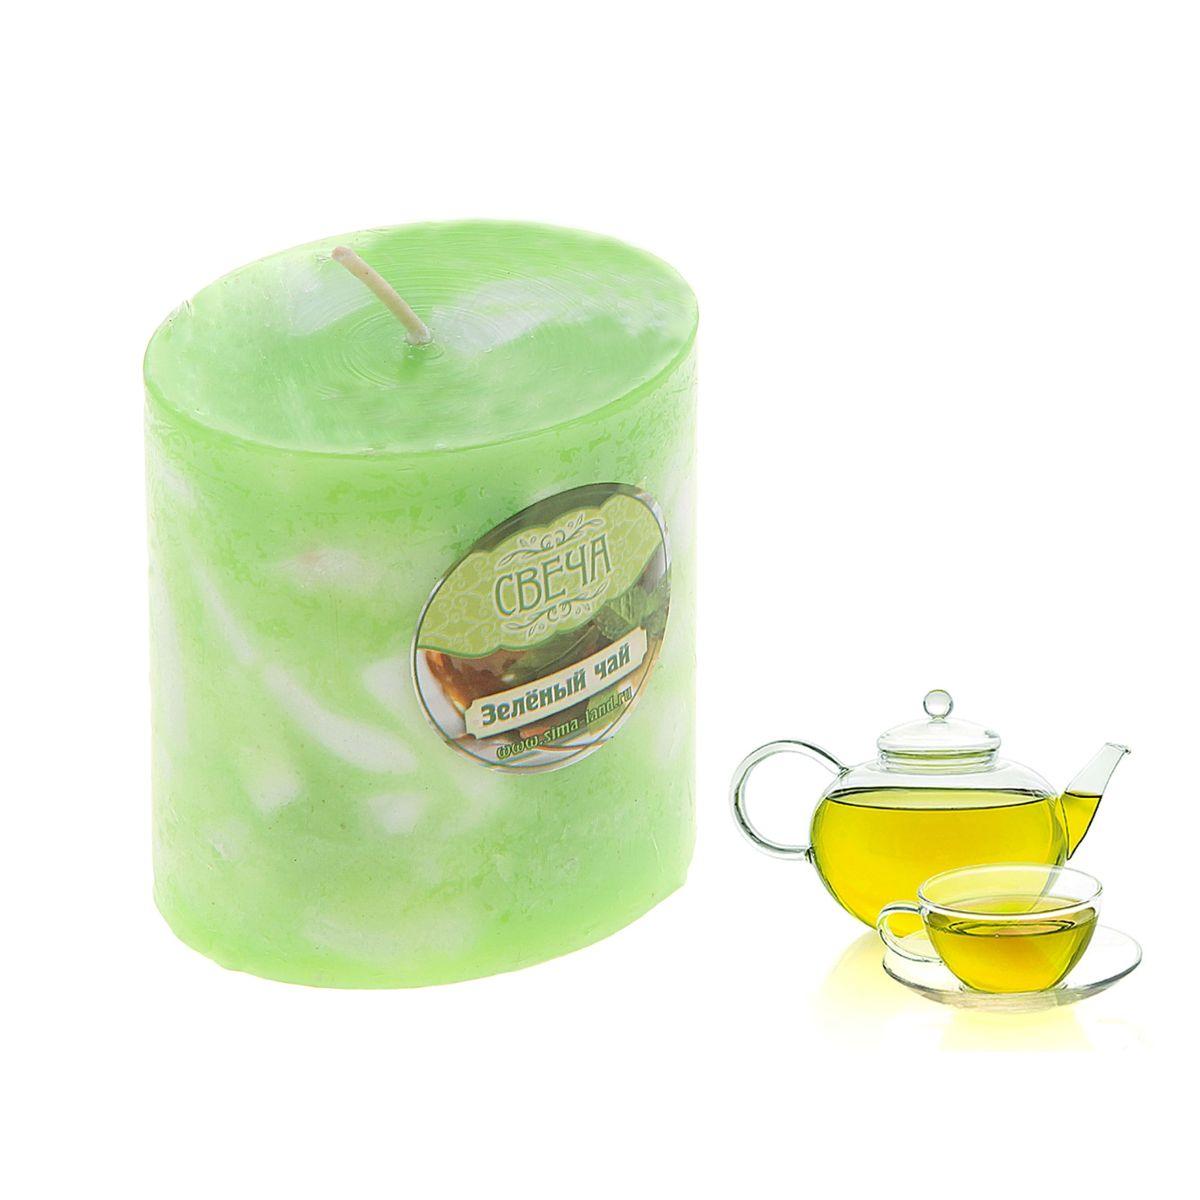 Свеча ароматизированная Sima-land Слияние, с ароматом зеленого чая, цвет: салатовый, белый, высота 7 см849520Ароматизированная свеча Sima-land Слияние изготовлена из воска. Изделие отличается оригинальным дизайном и приятным ароматом зеленого чая.Свеча Sima-land Слияние - это прекрасный выбор для тех, кто хочет сделать запоминающийся презент родным и близким. Она поможет создать атмосферу праздника. Такой подарок запомнится надолго.